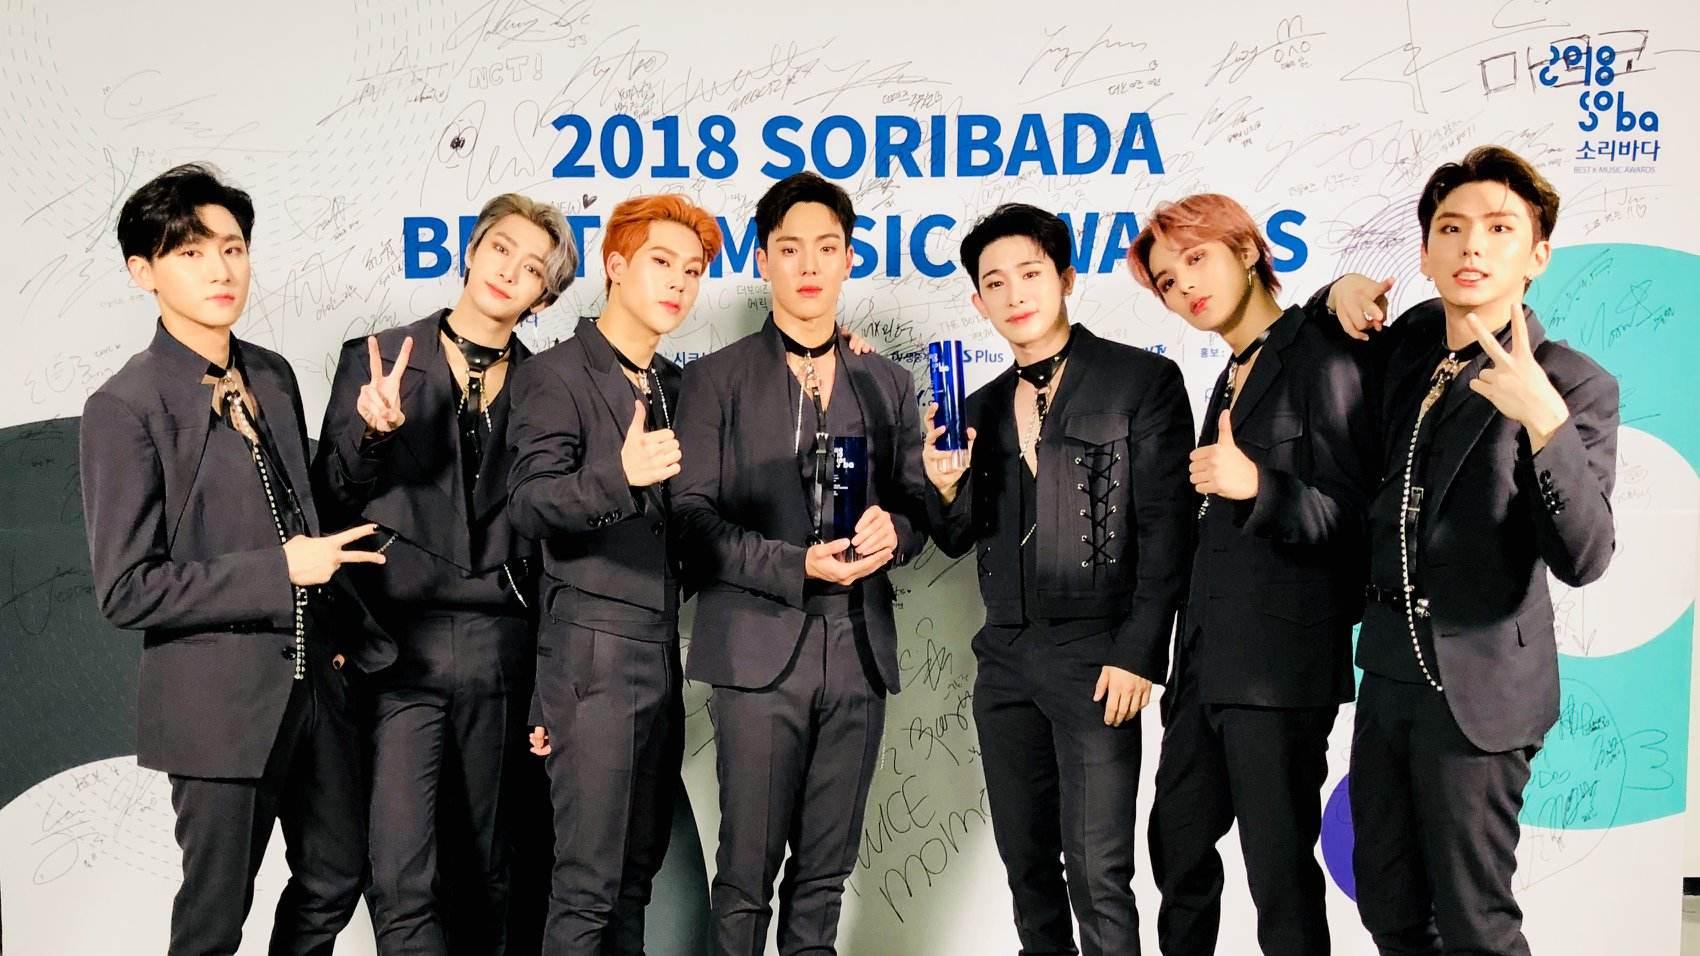 MONSTA X成員也提到這次二巡明顯感受到全球對K-POP的關注度提高,當地媒體對待韓國偶像的方式及規模也都產生了變化,甚至還會有知名人士主動要求自拍或要電話,讓他們非常驚訝!